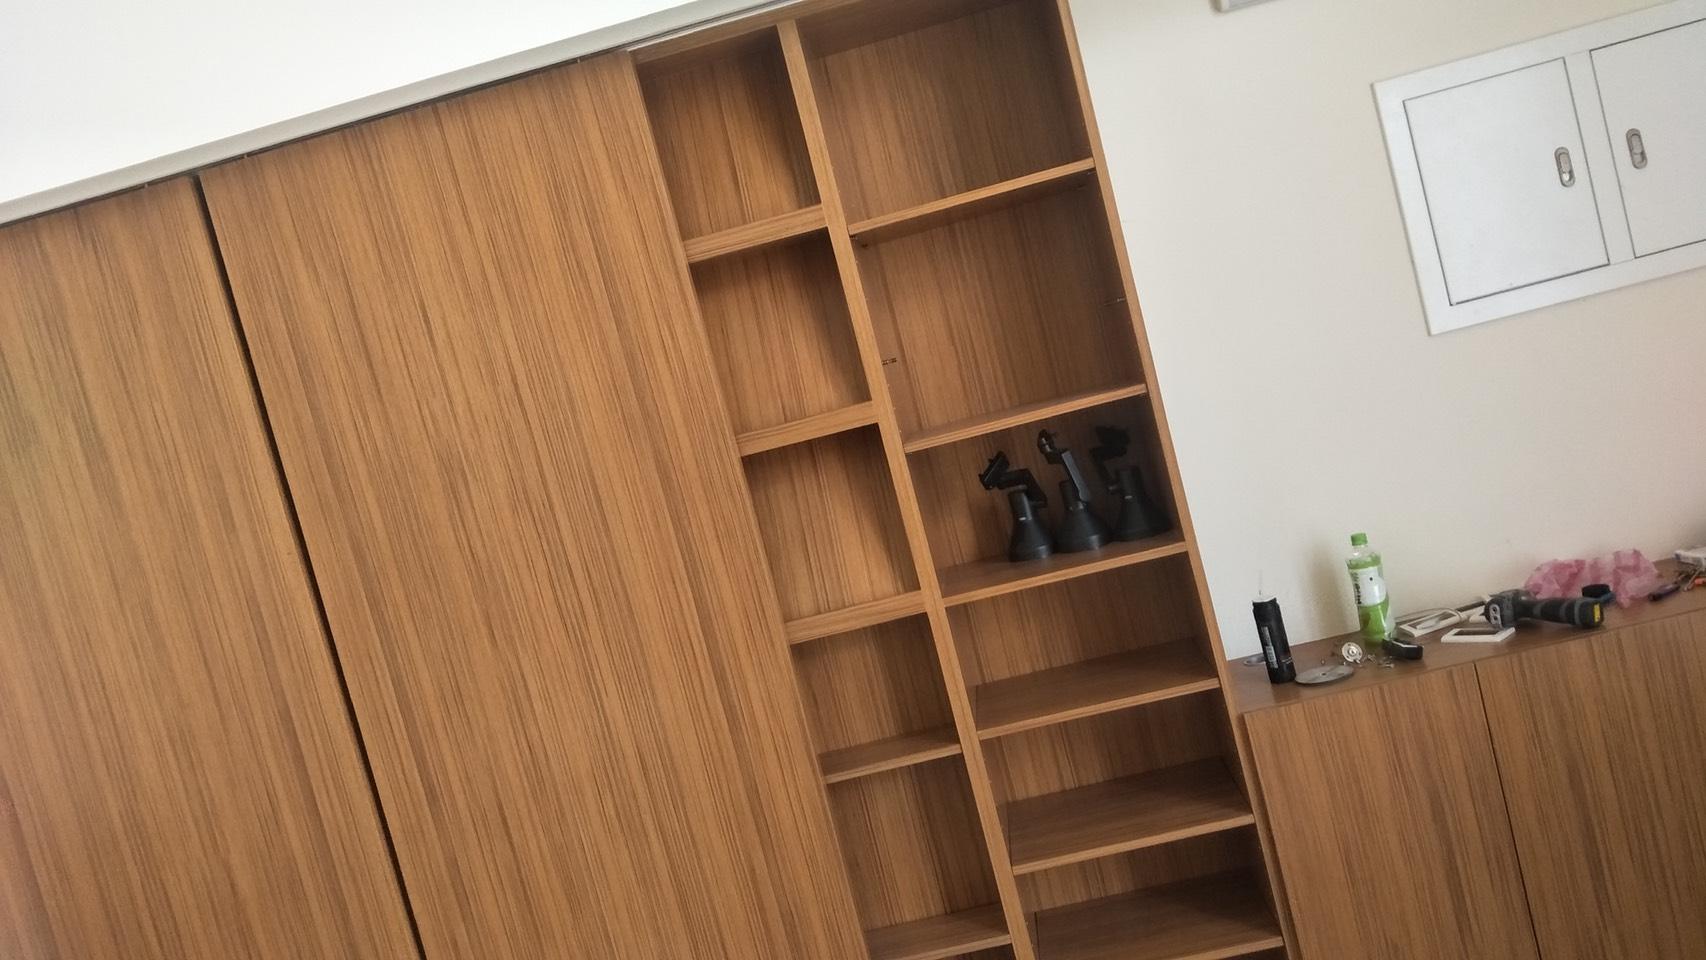 台北市住家室內裝潢衣櫃系統櫃木工 (29)